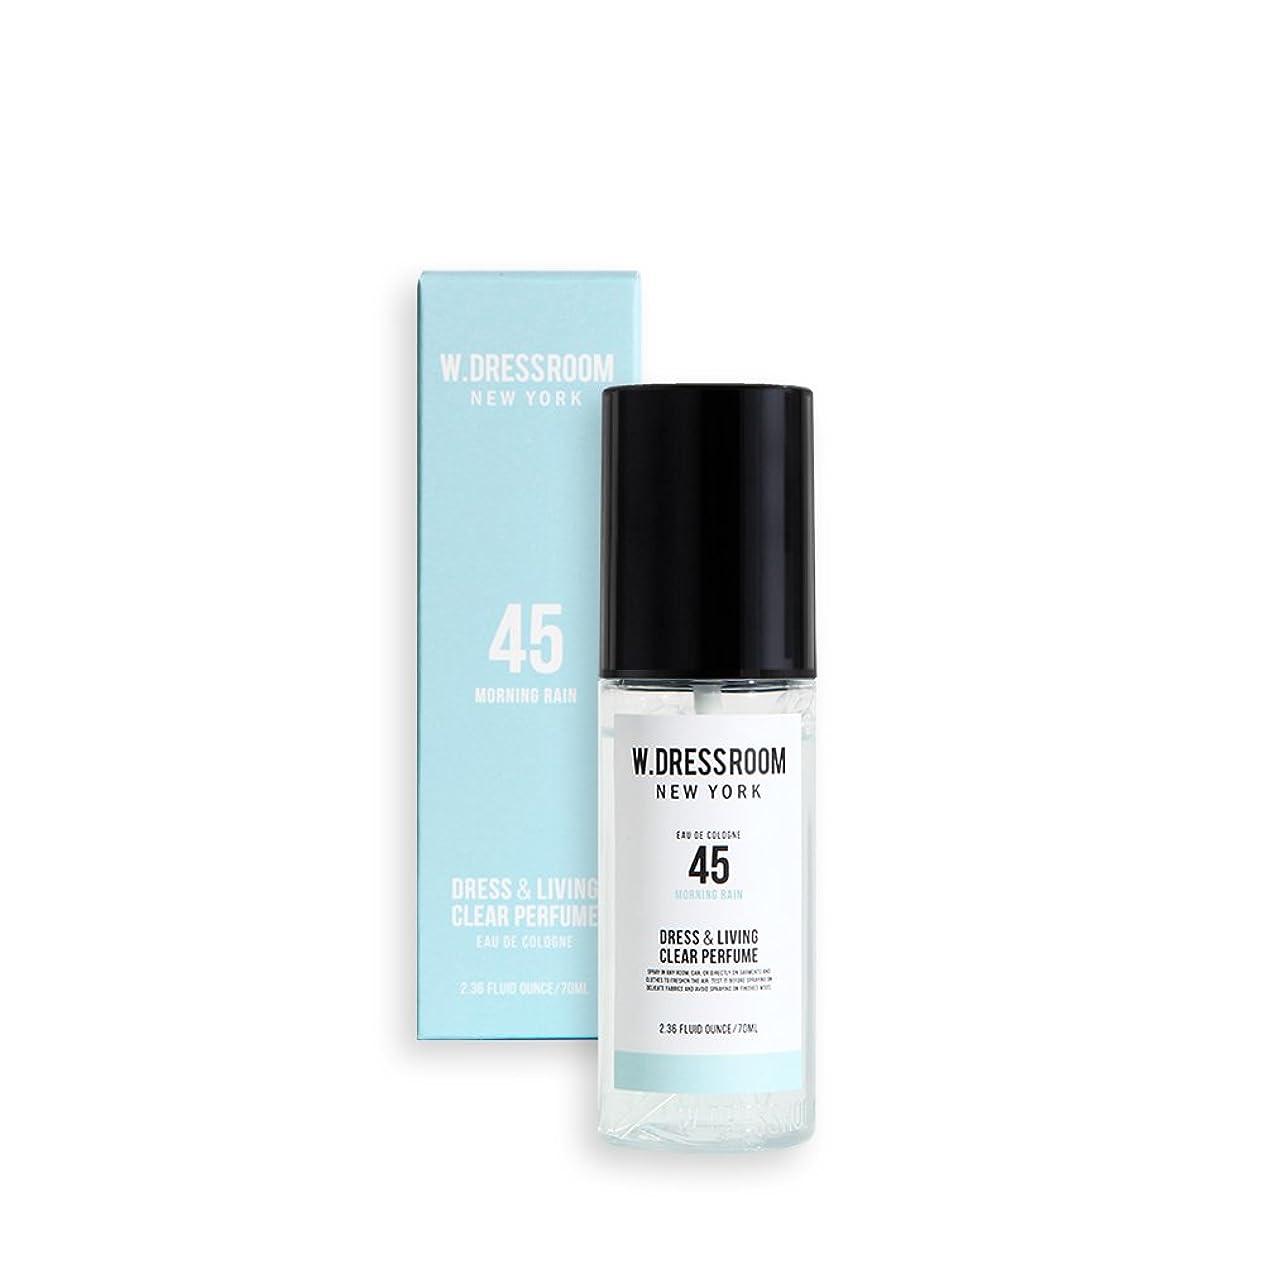 ボール知り合い着陸W.DRESSROOM Dress & Living Clear Perfume 70ml/ダブルドレスルーム ドレス&リビング クリア パフューム 70ml (#No.45 Morning Rain) [並行輸入品]